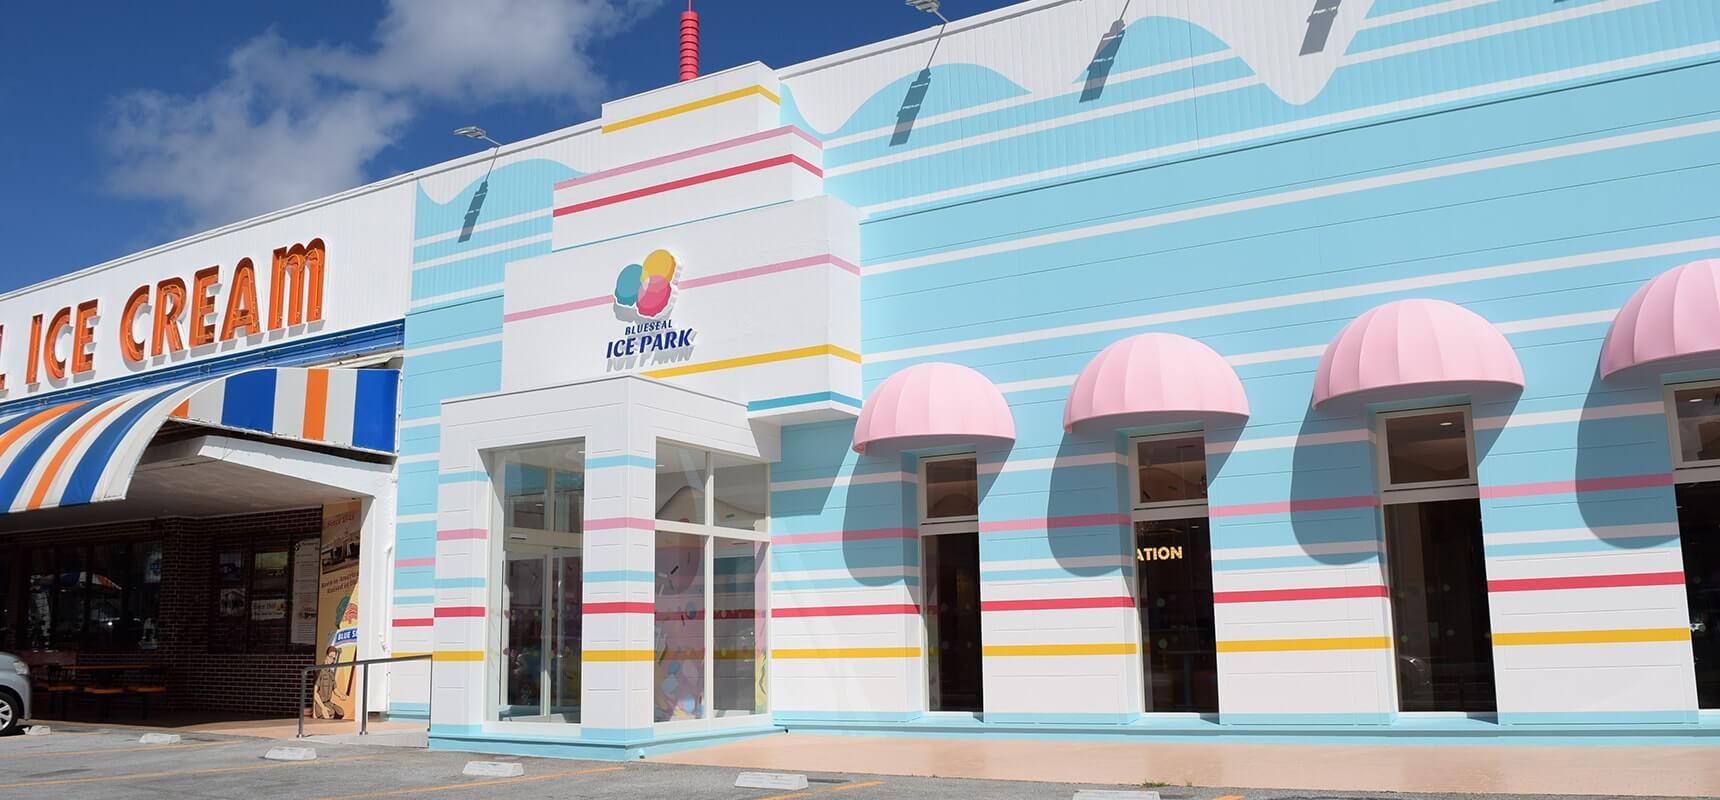 裝飾製冰體驗設施「ICE PARK」在沖繩地區誕生